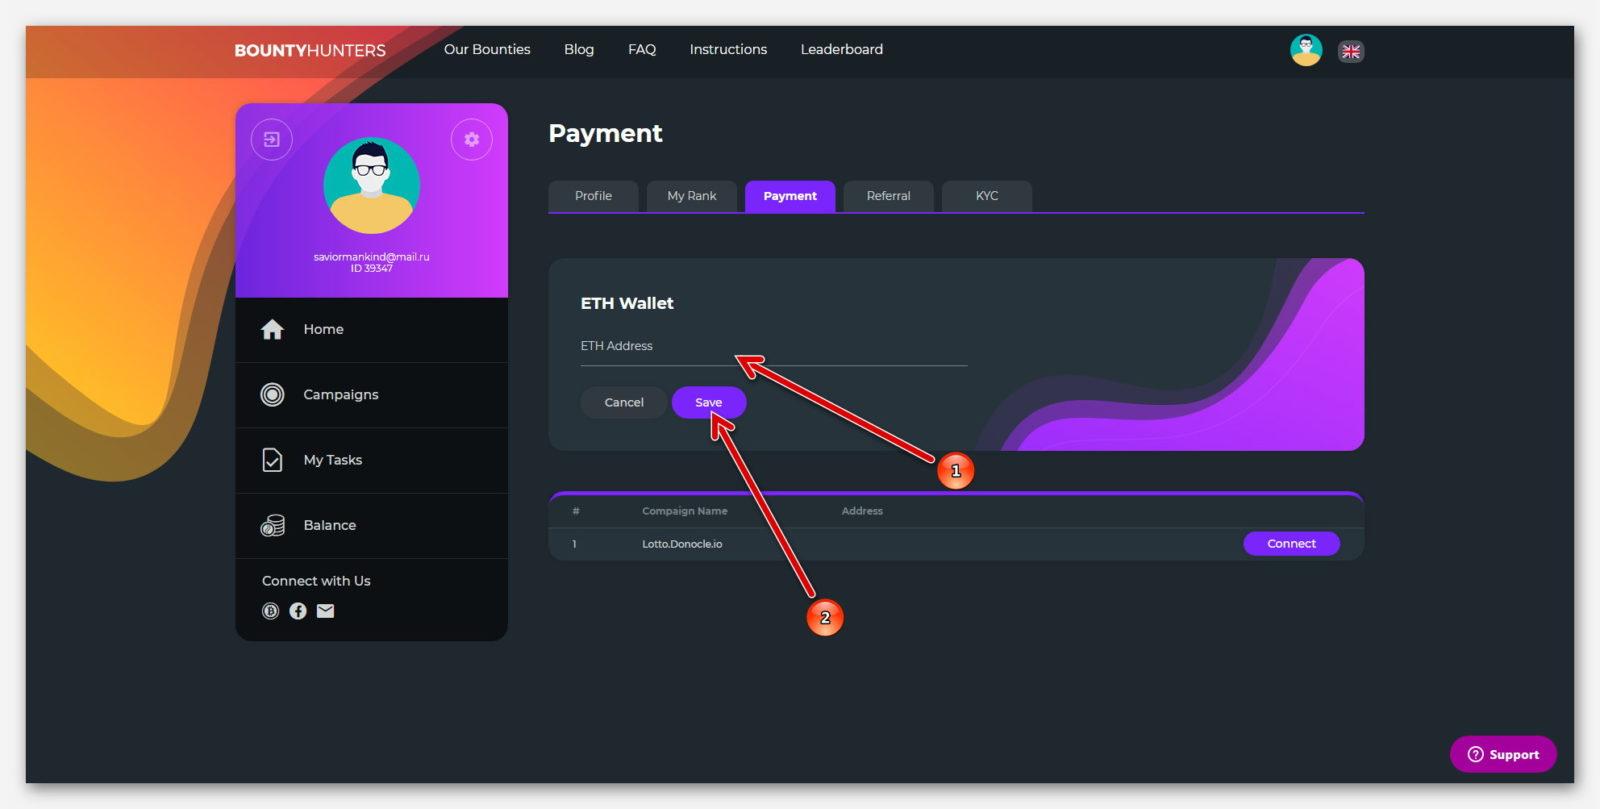 Раздел для Ethereum кошелька на платформе Bountyhunters